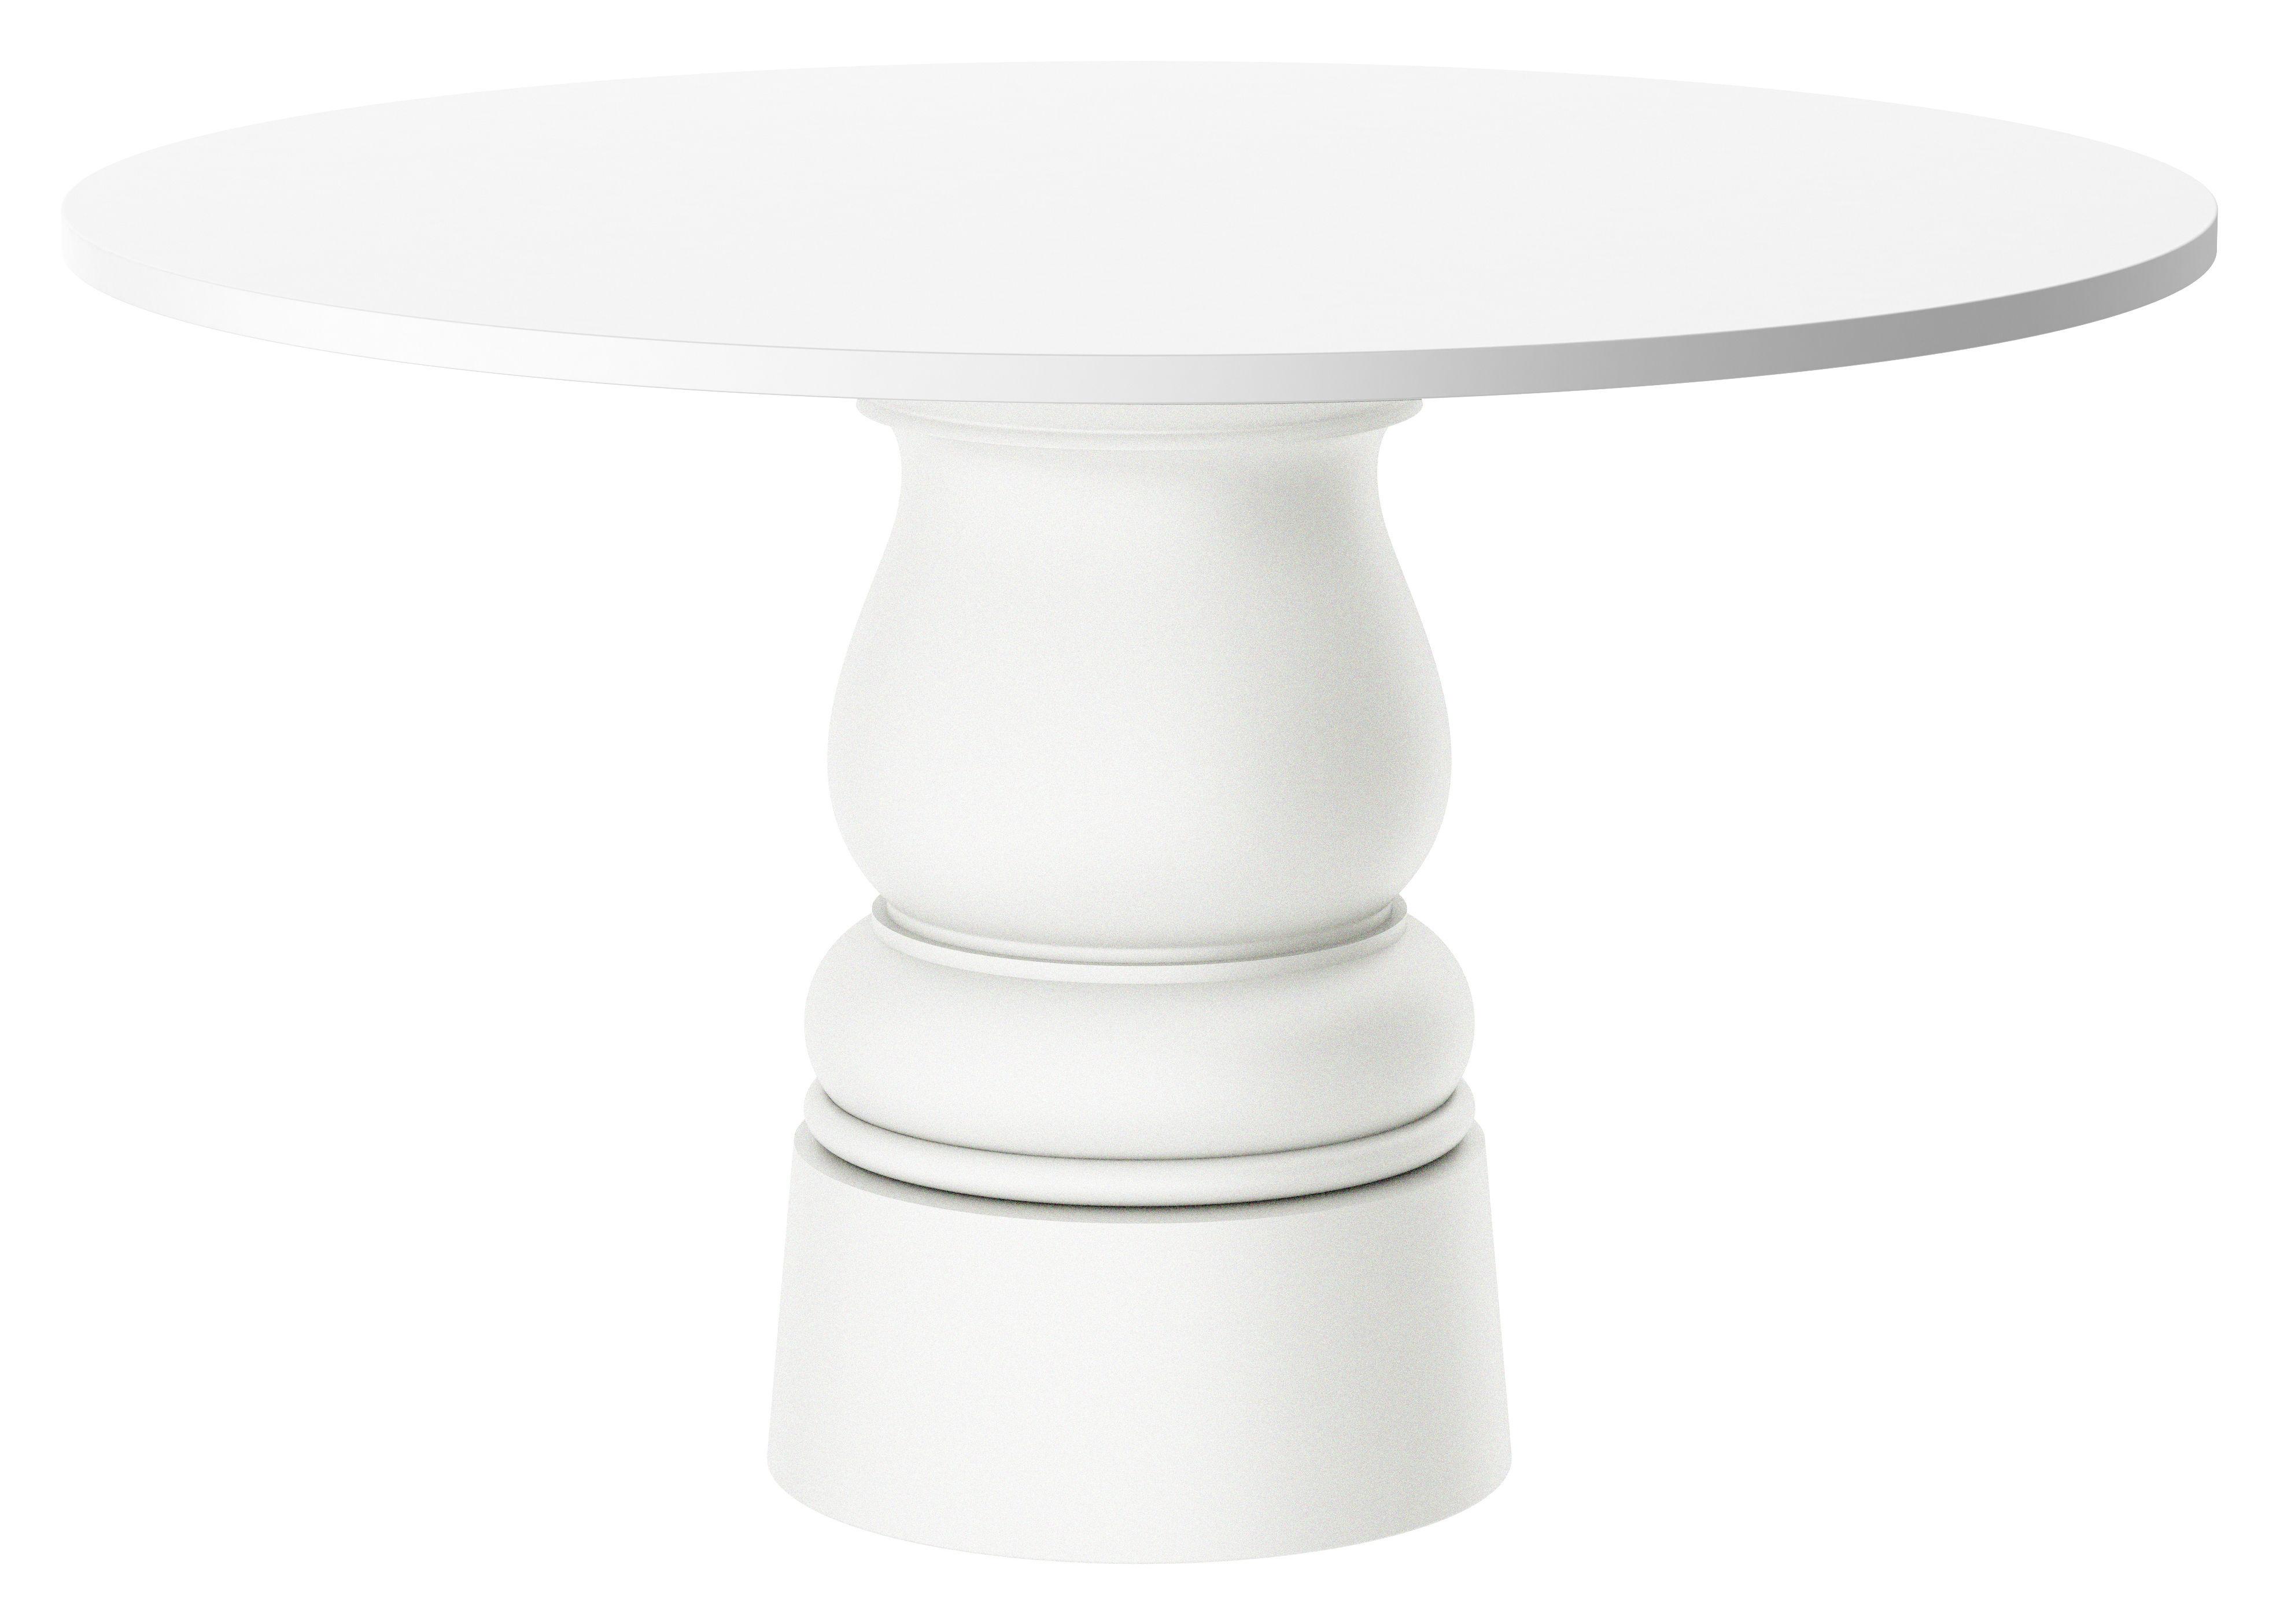 Outdoor - Tables de jardin - Accessoire table / Pied pour table Container New Antique / H 71 cm - Pour plateau Ø 140 cm - Moooi - Pied blanc - Ø 43 x H 71 cm - Acier inoxydable, Polyéthylène